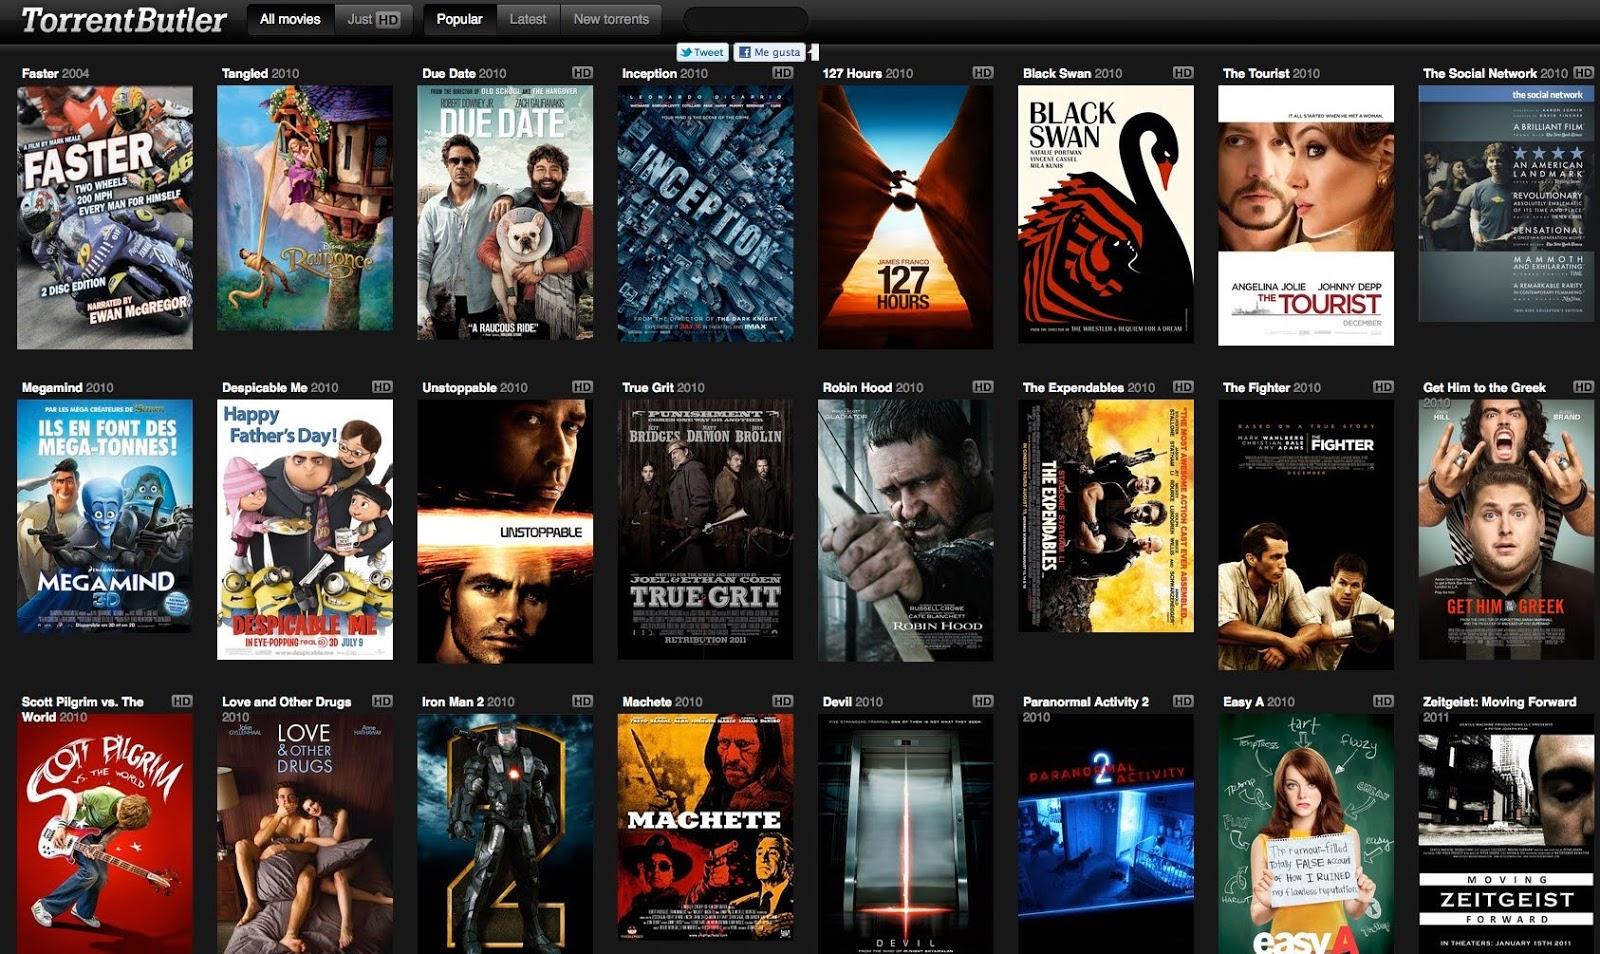 افضل مواقع تحميل افلام تورنت مترجمة